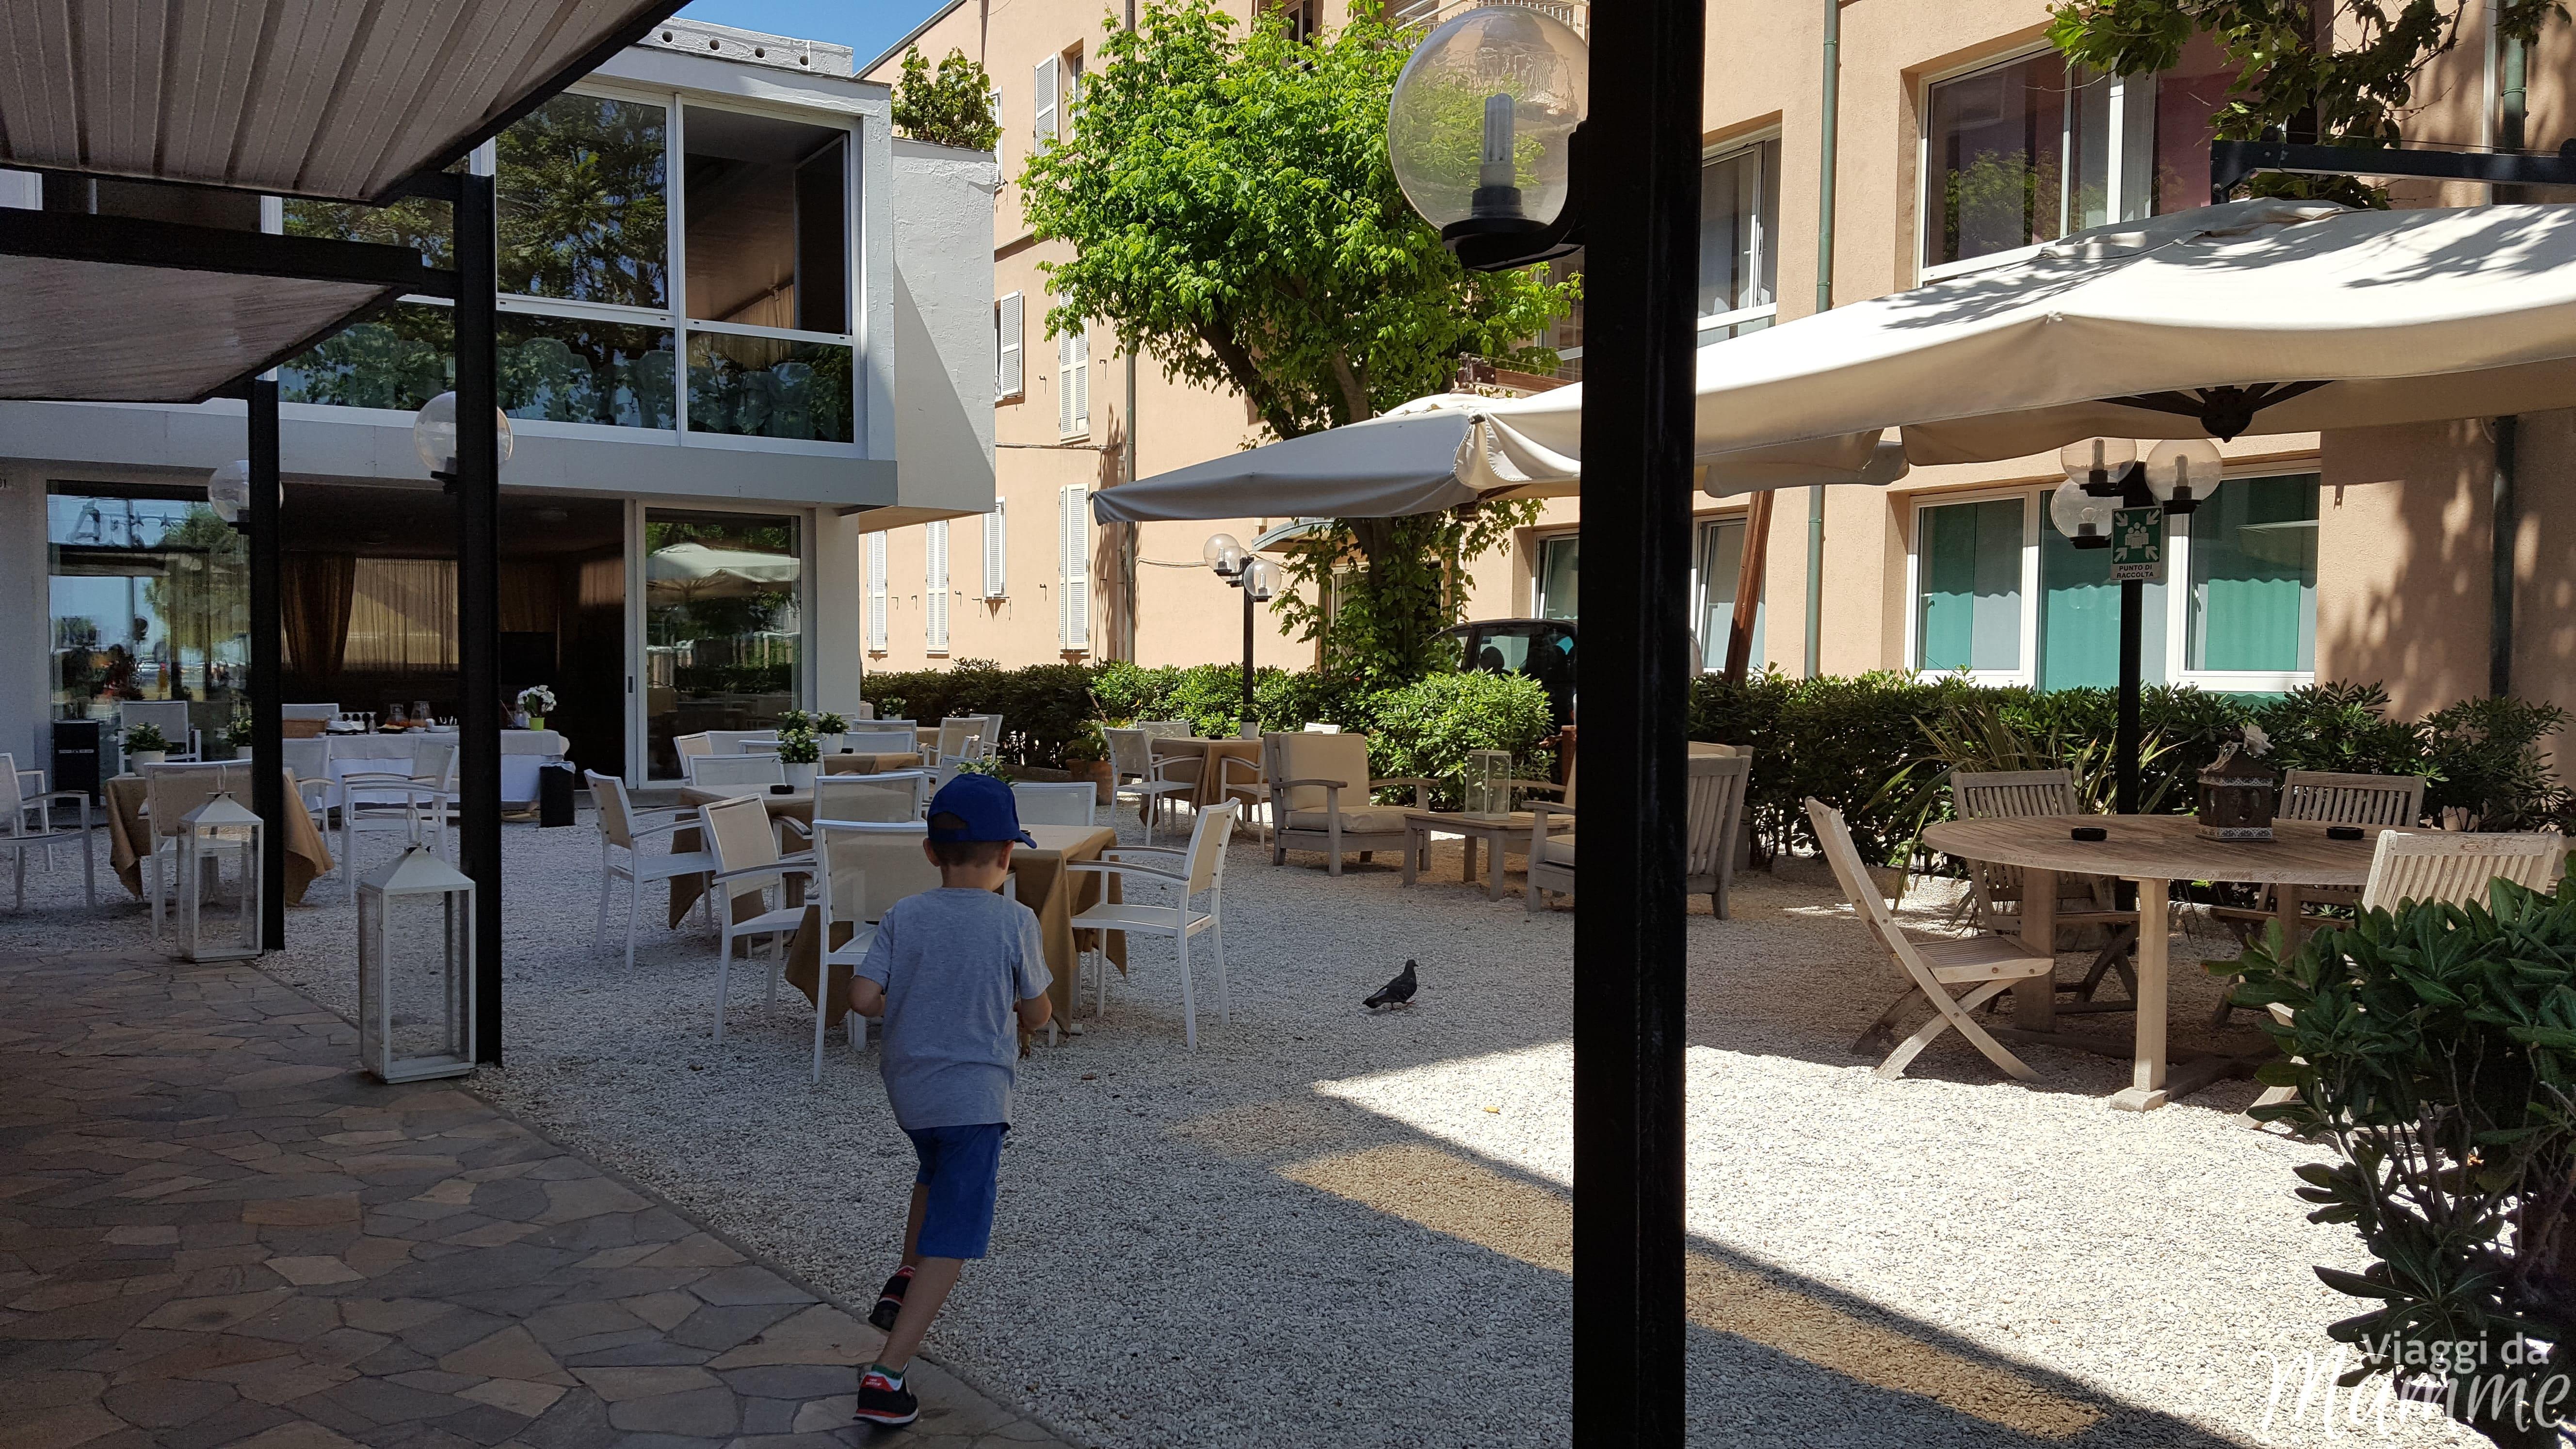 Hotel airone rimini un albergo per famiglie nella riviera for Giardino rimini